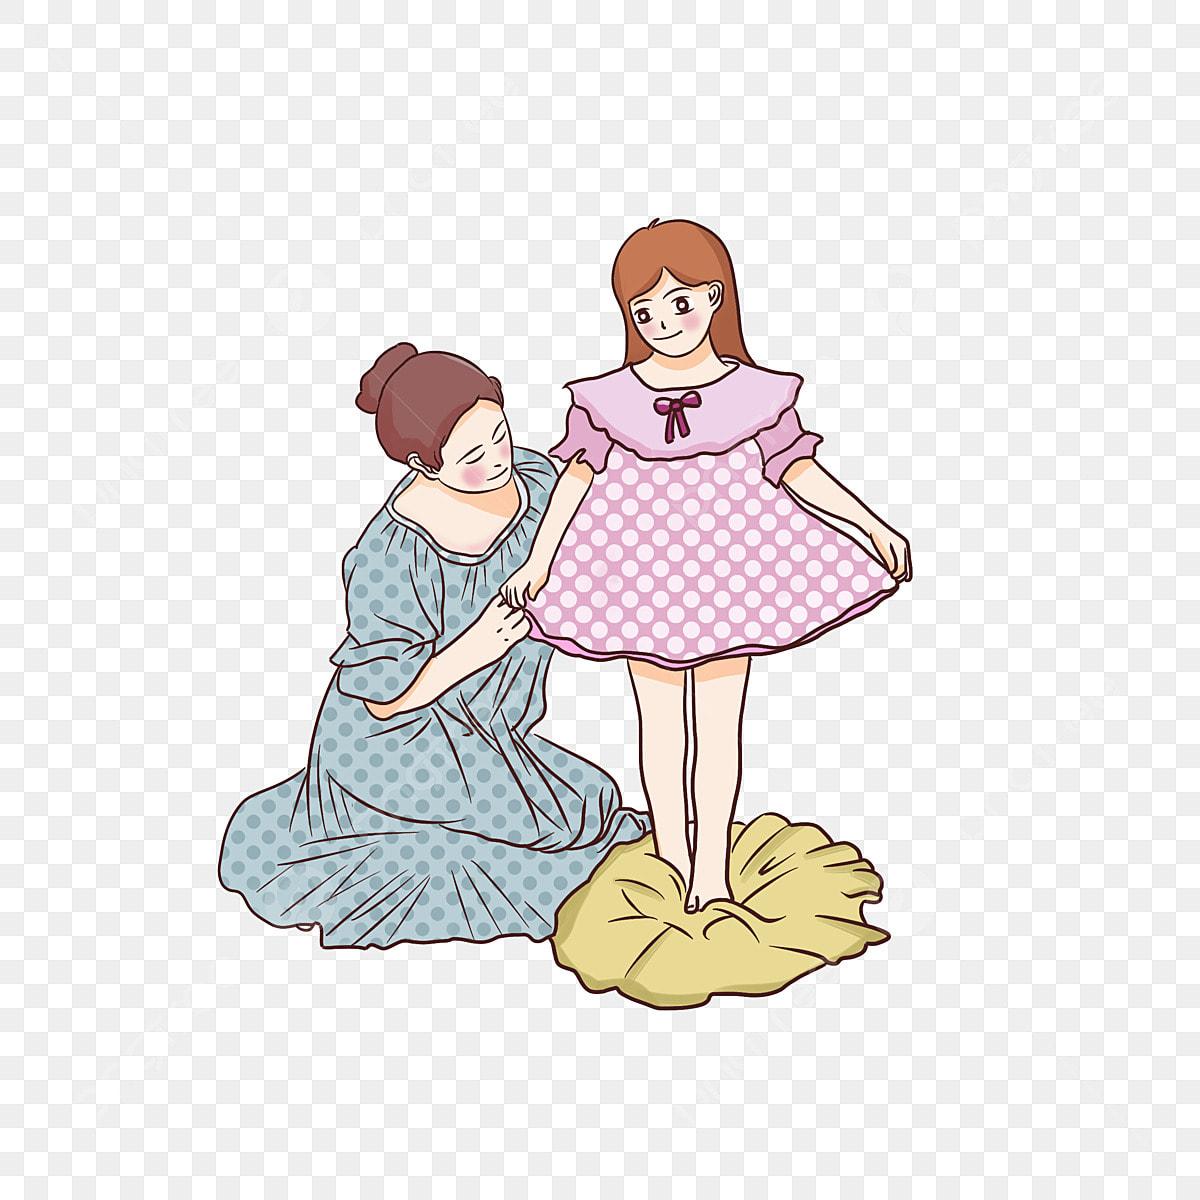 400 Koleksi Gambar Kartun Anak Perempuan Dan Ibunya Terbaru